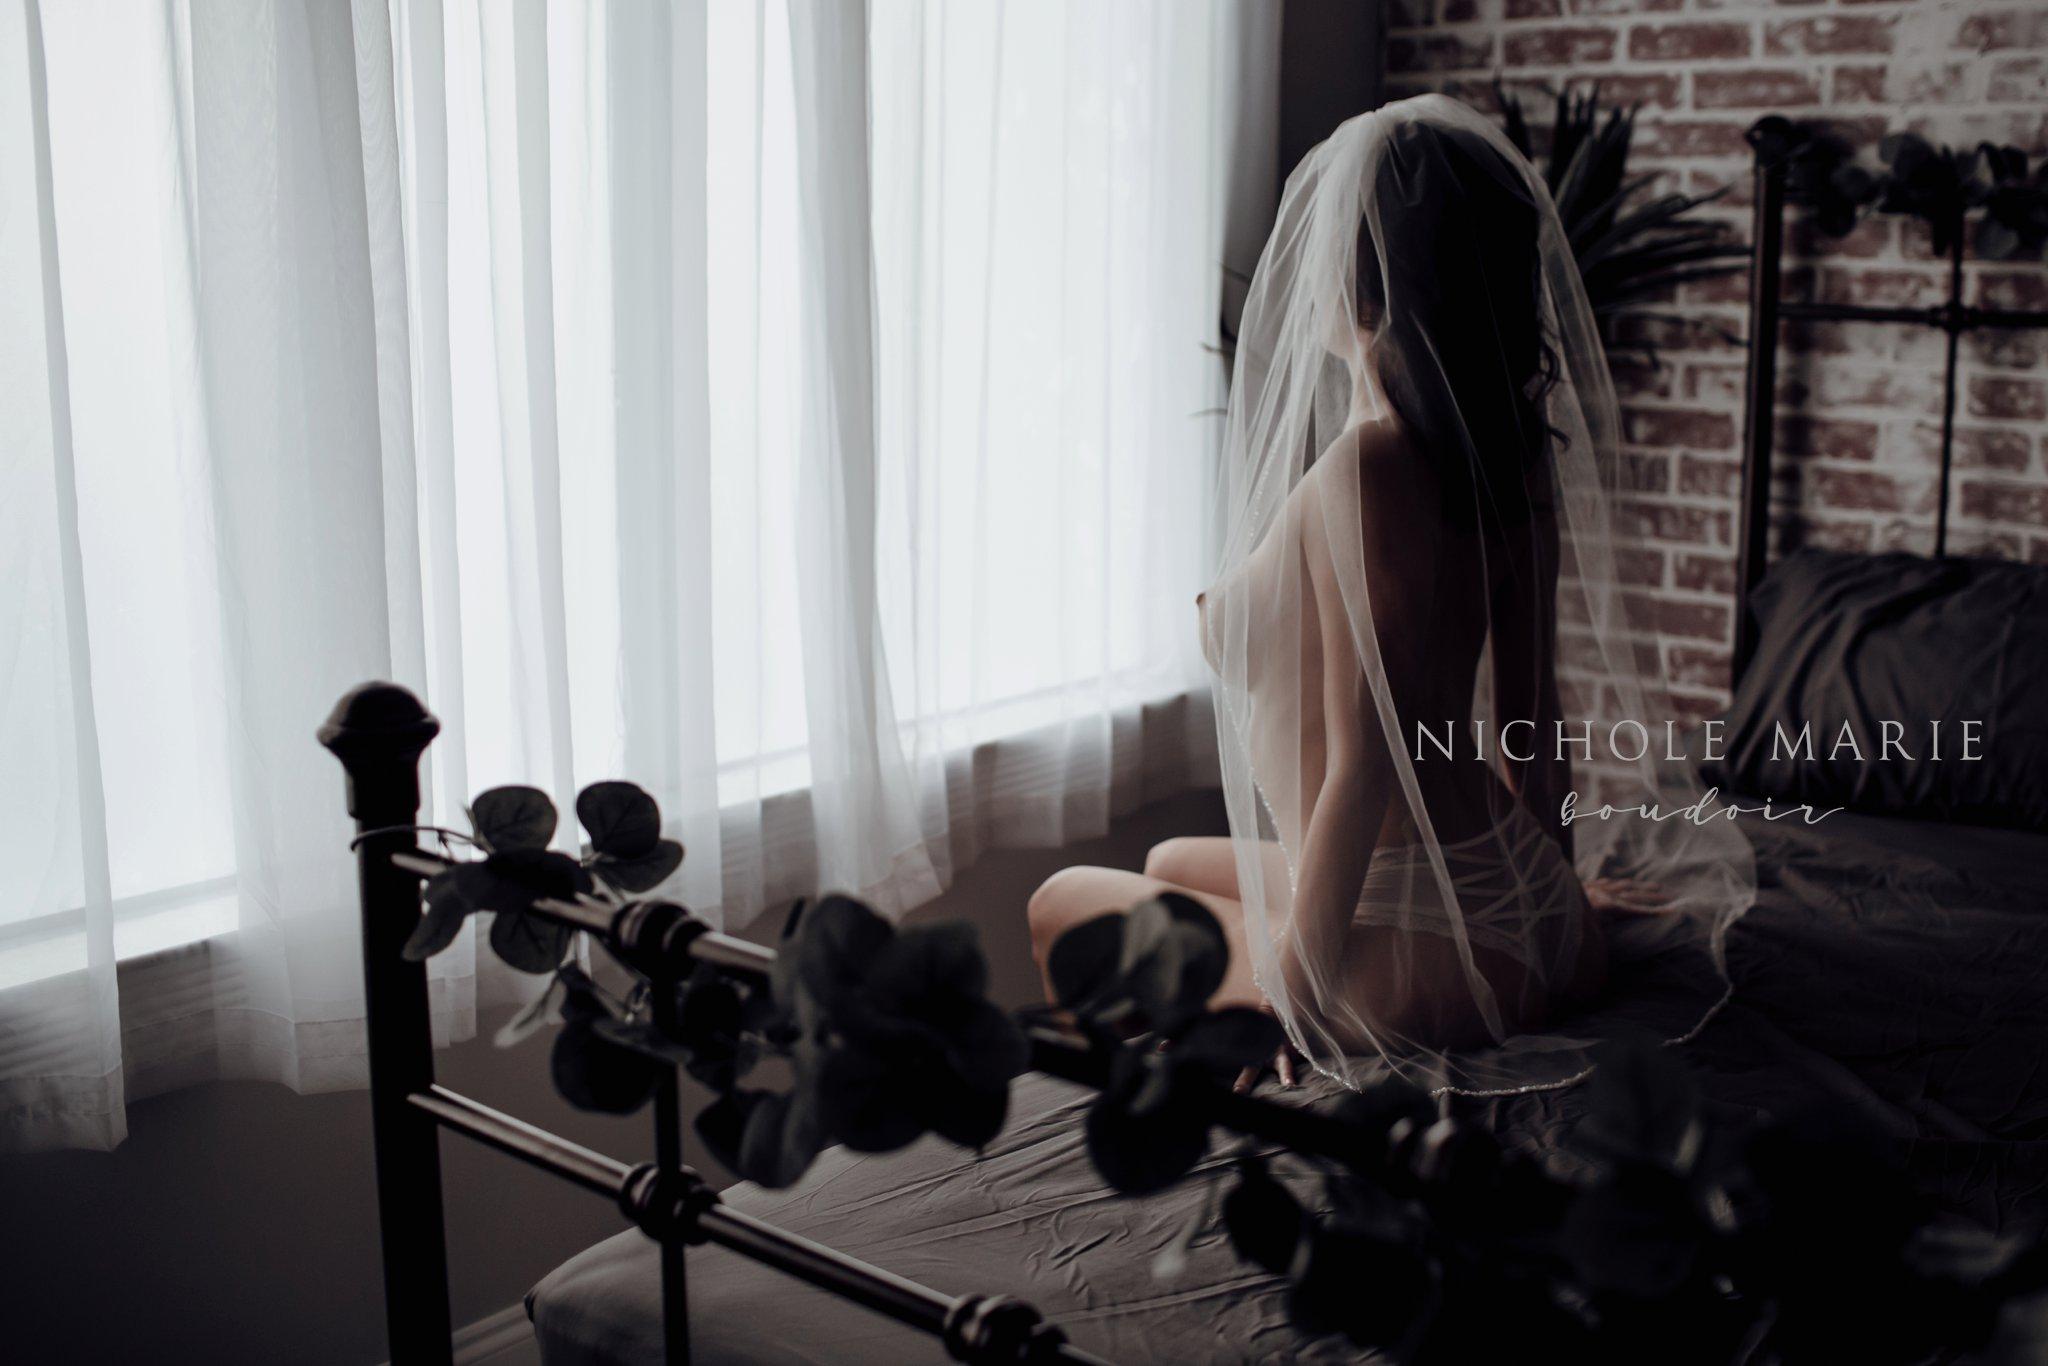 SEBASTIAN FLORIDA BOUDOIR PHOTOGRAPHER | NICHOLE MARIE BOUDOIR_0317.jpg